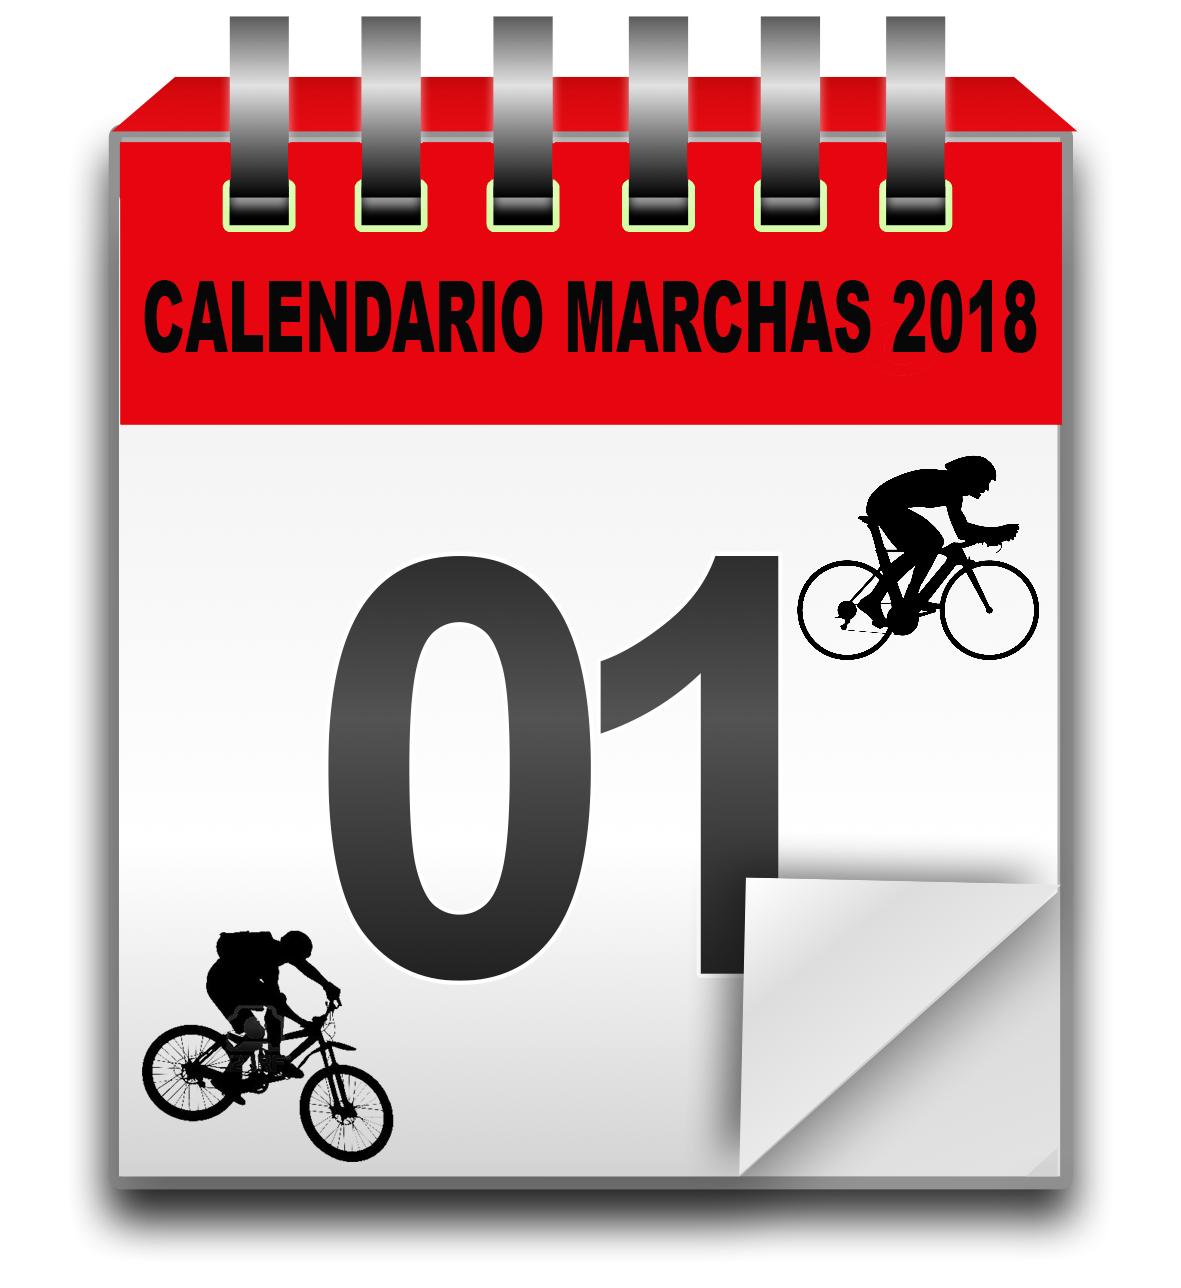 Calendario de marchas 2018